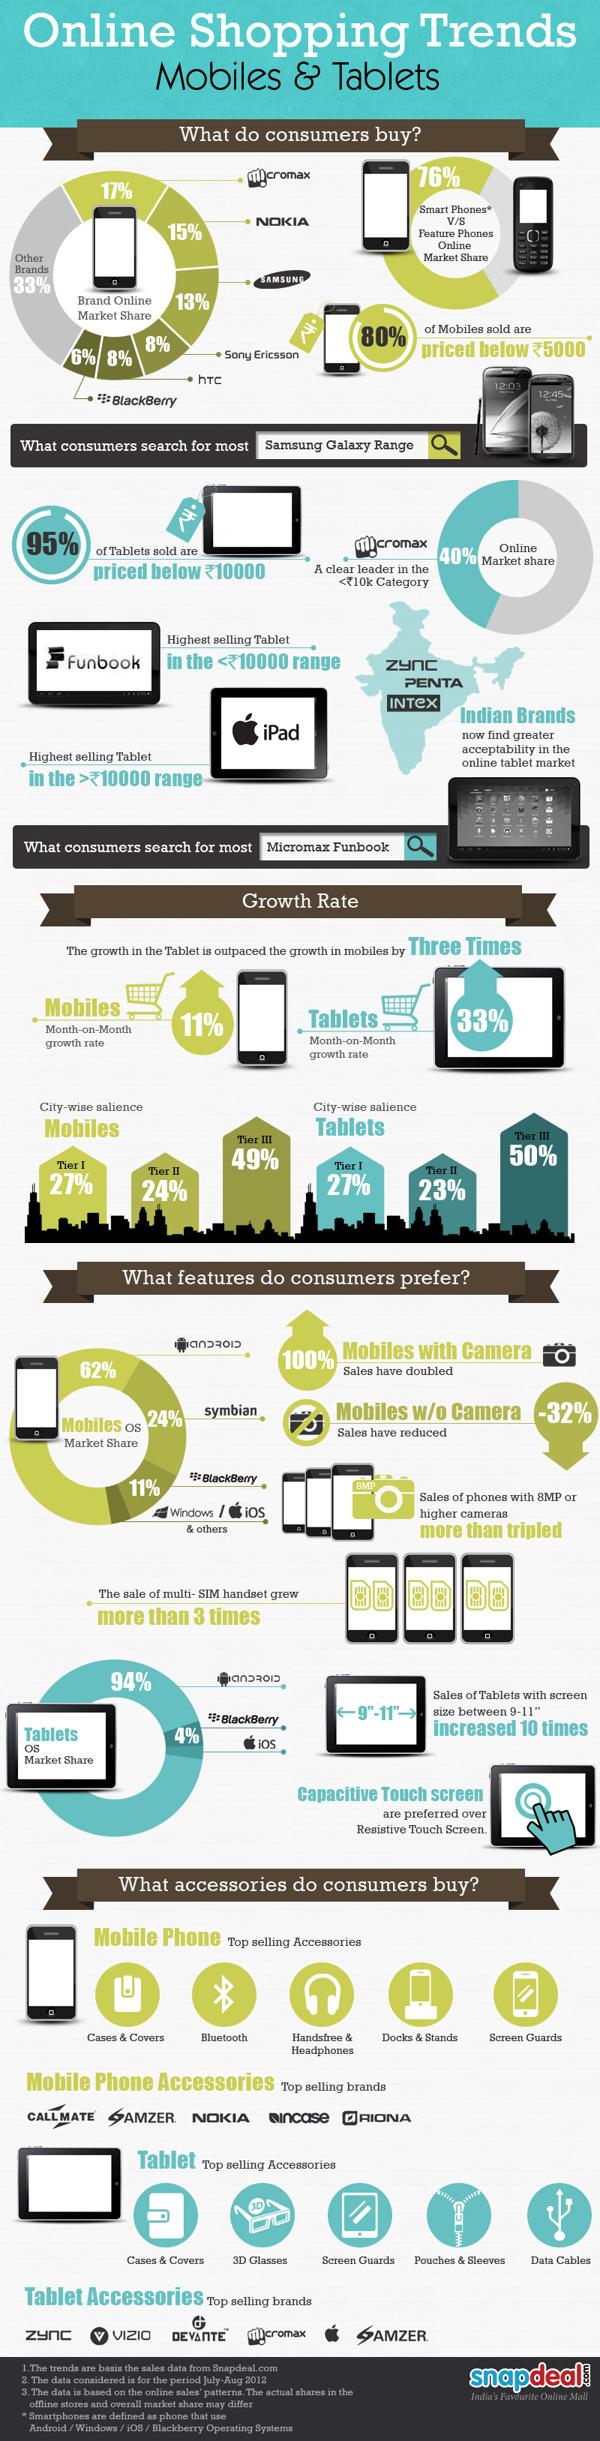 Tendencias compras online m viles y tabletas infografia for Compra online mobili